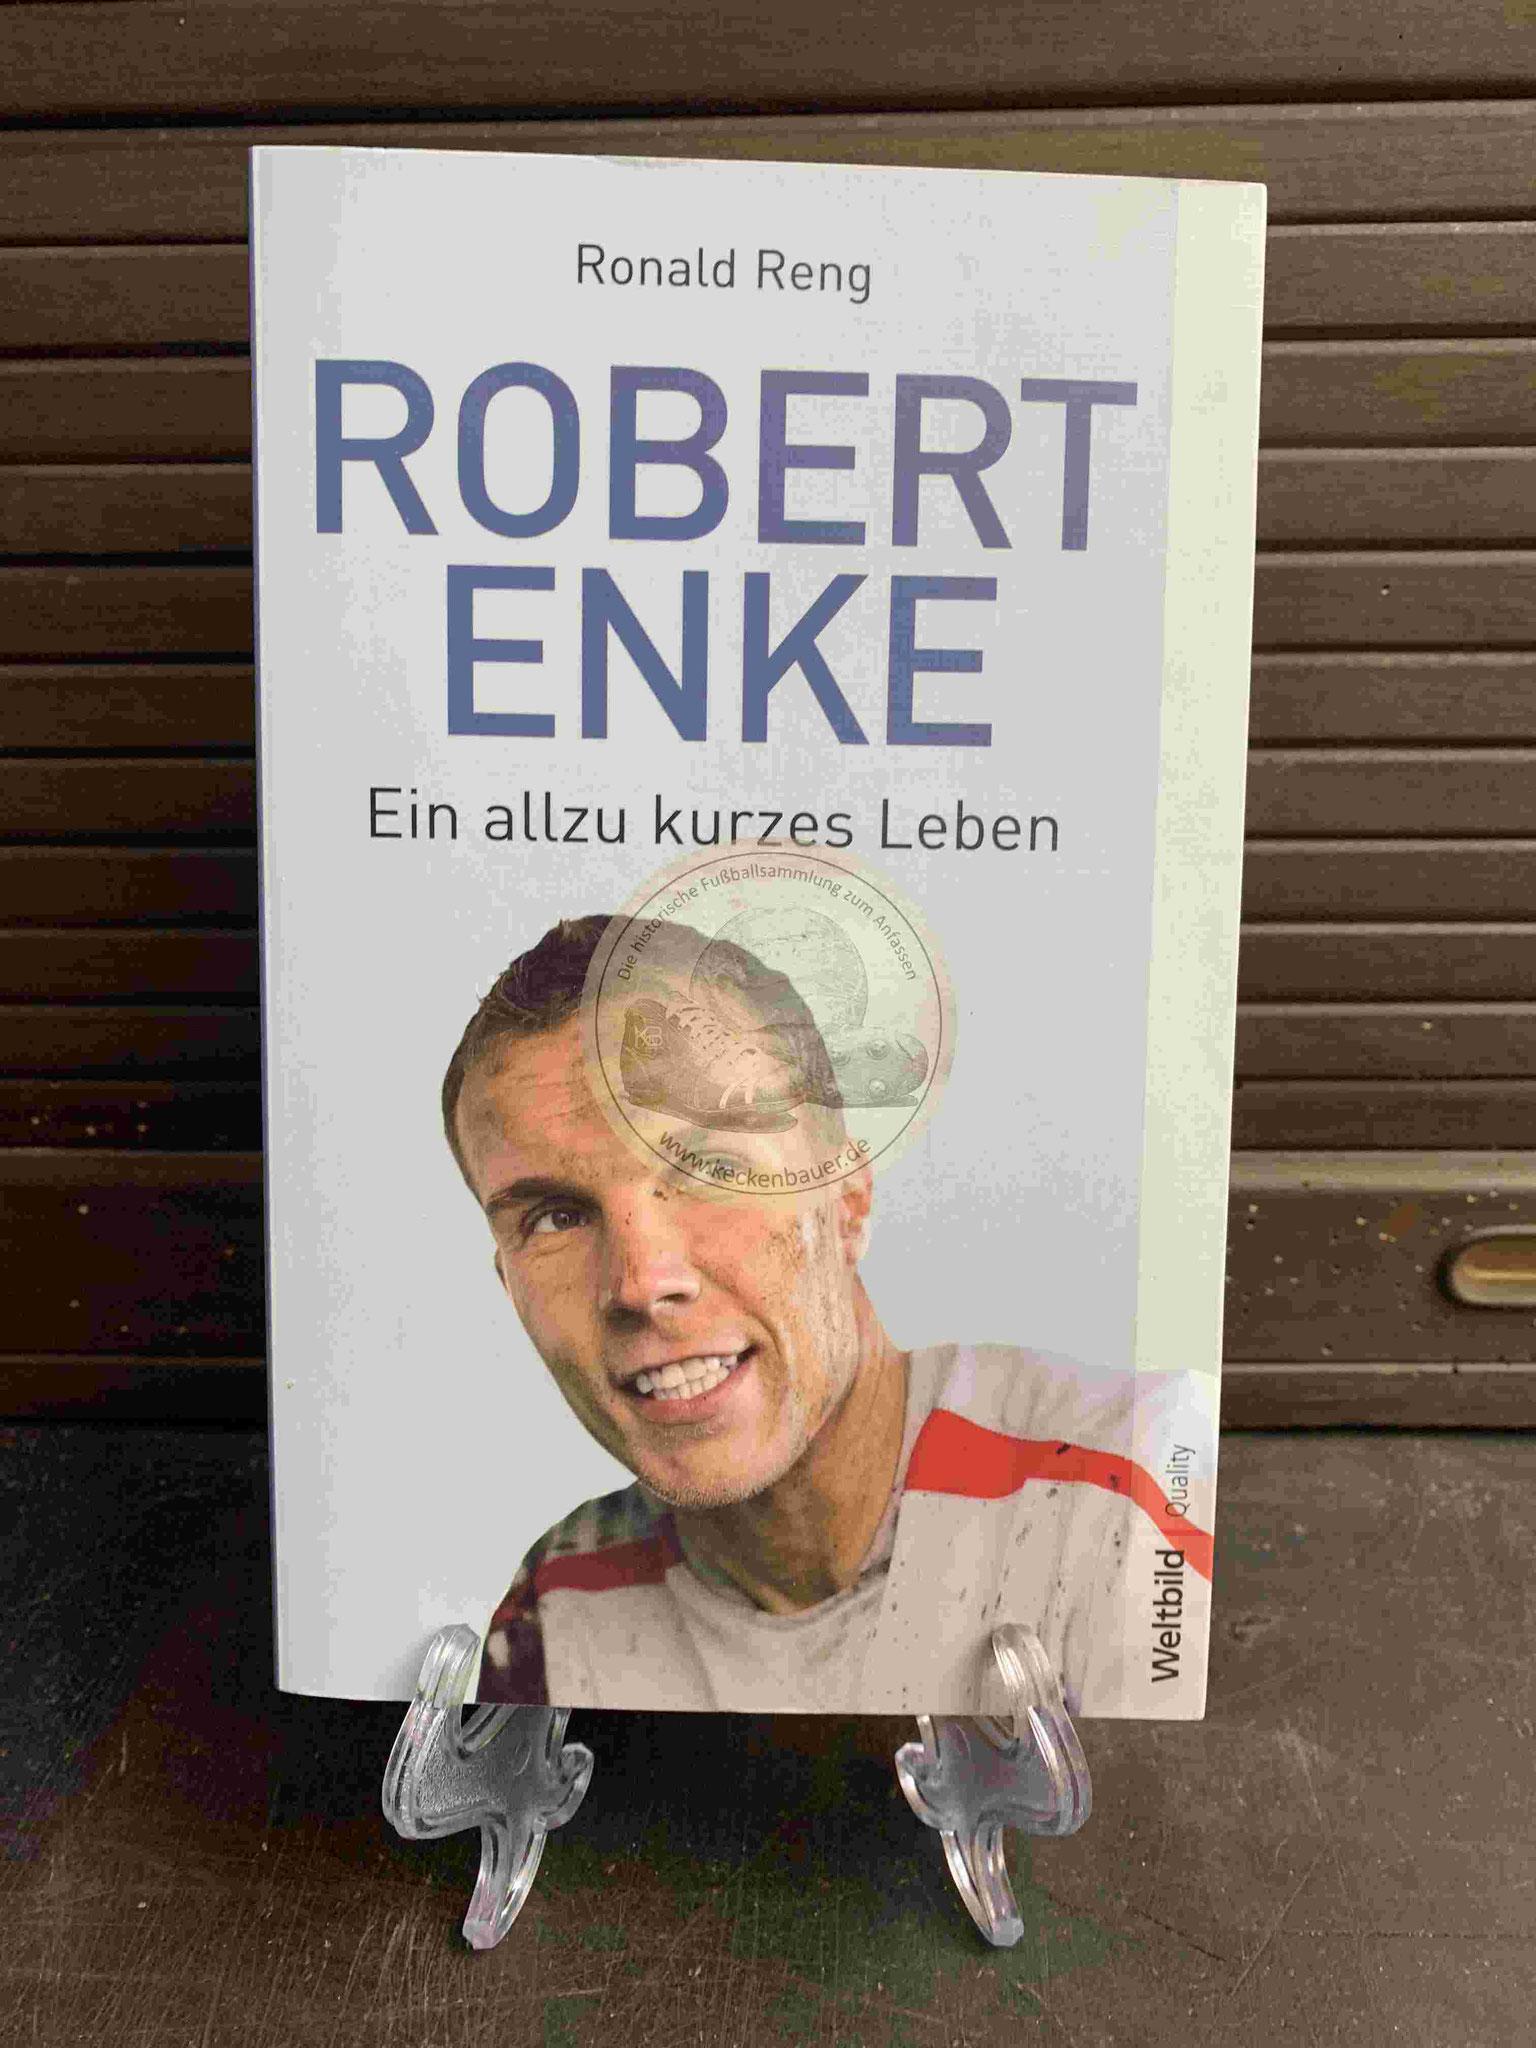 Ronald Reng Robert Enke Ein allzu kurzes Leben aus dem Jahr 2011